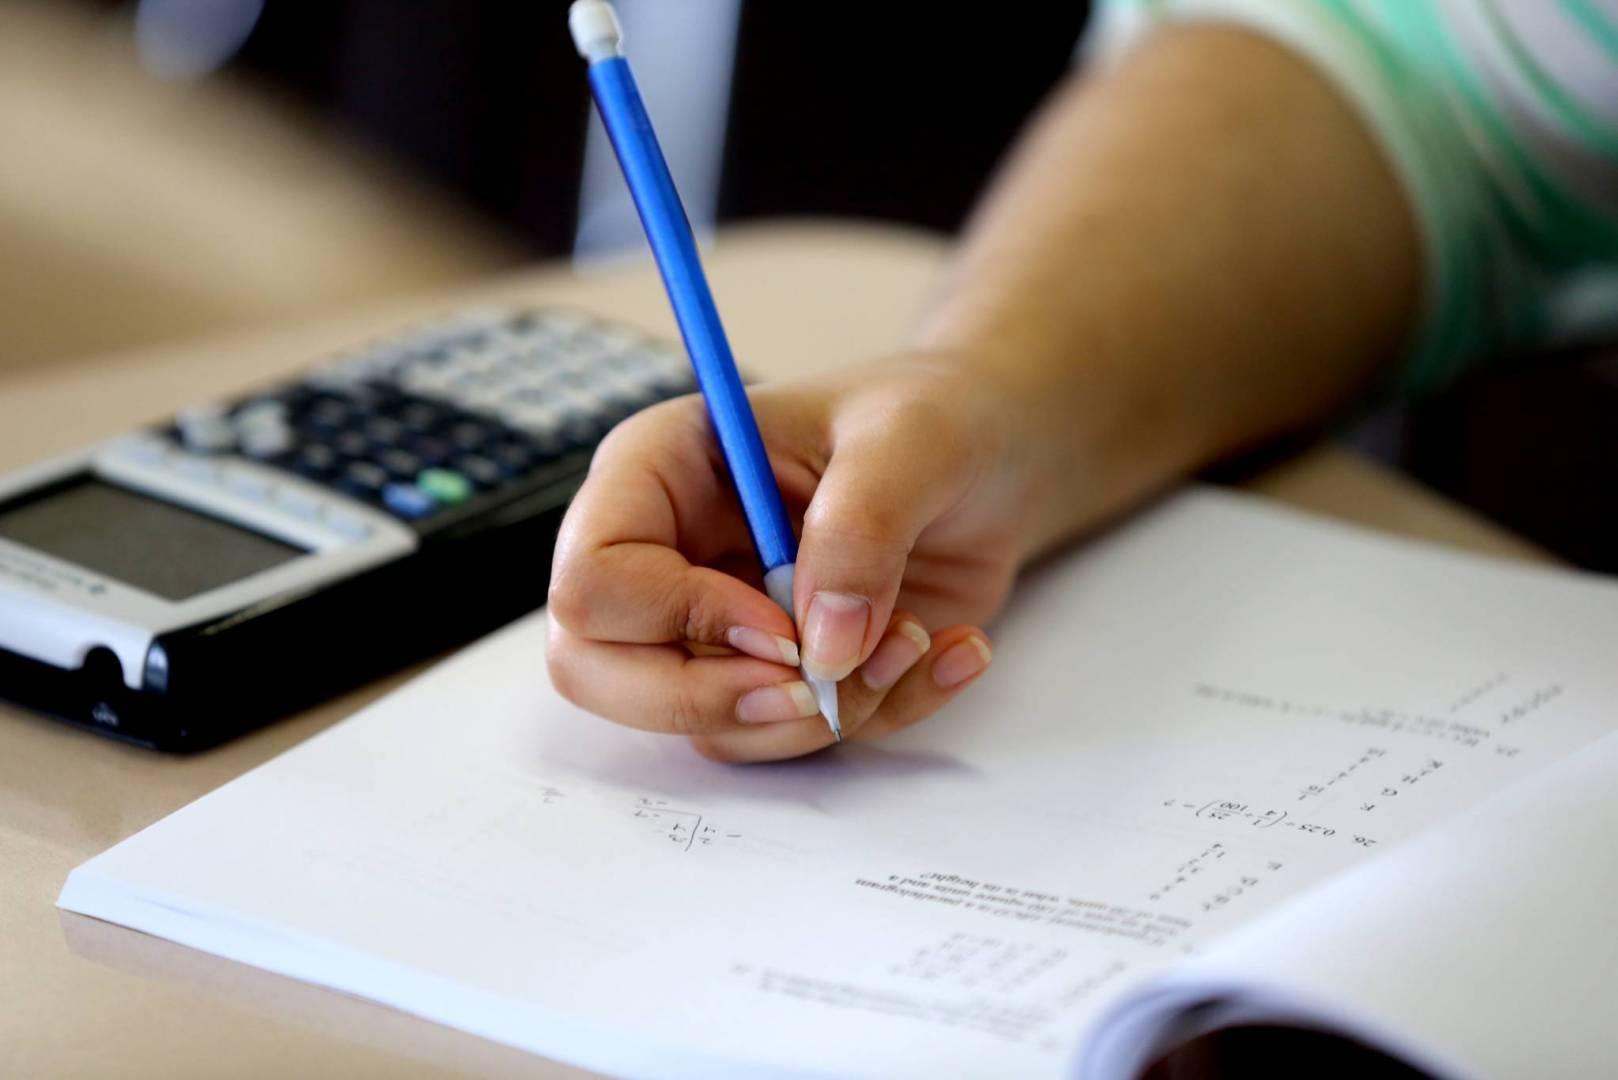 وزير التربية يرفض السماح لطالبة تعاني من شلل نصفي بإجراء الإمتحان في الطابق الأرضي لأنه غير مجهز بكاميرات